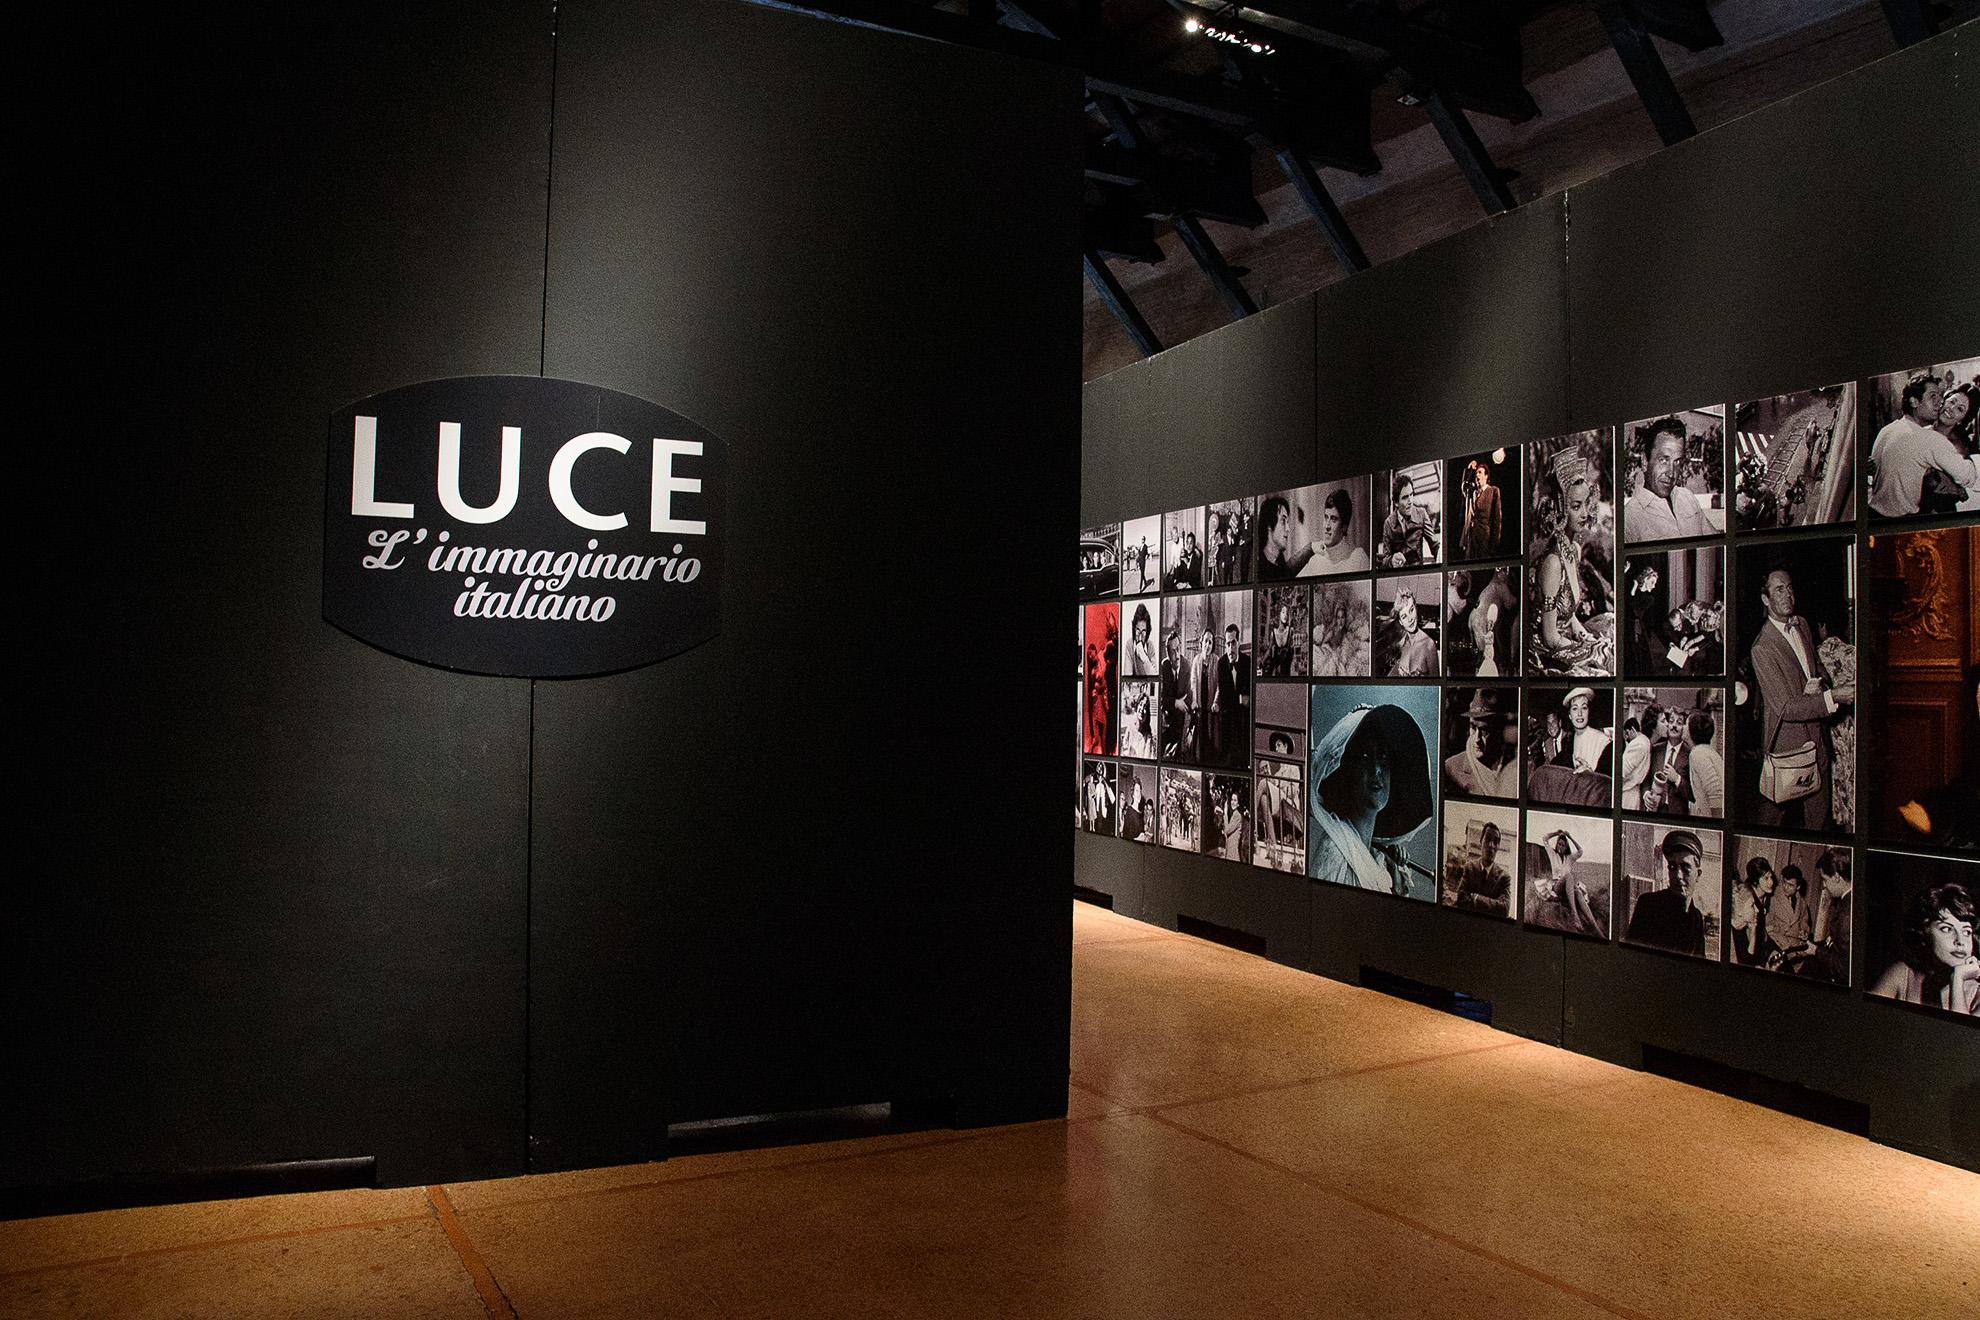 Wystawa poświęcona wytwórni Luce